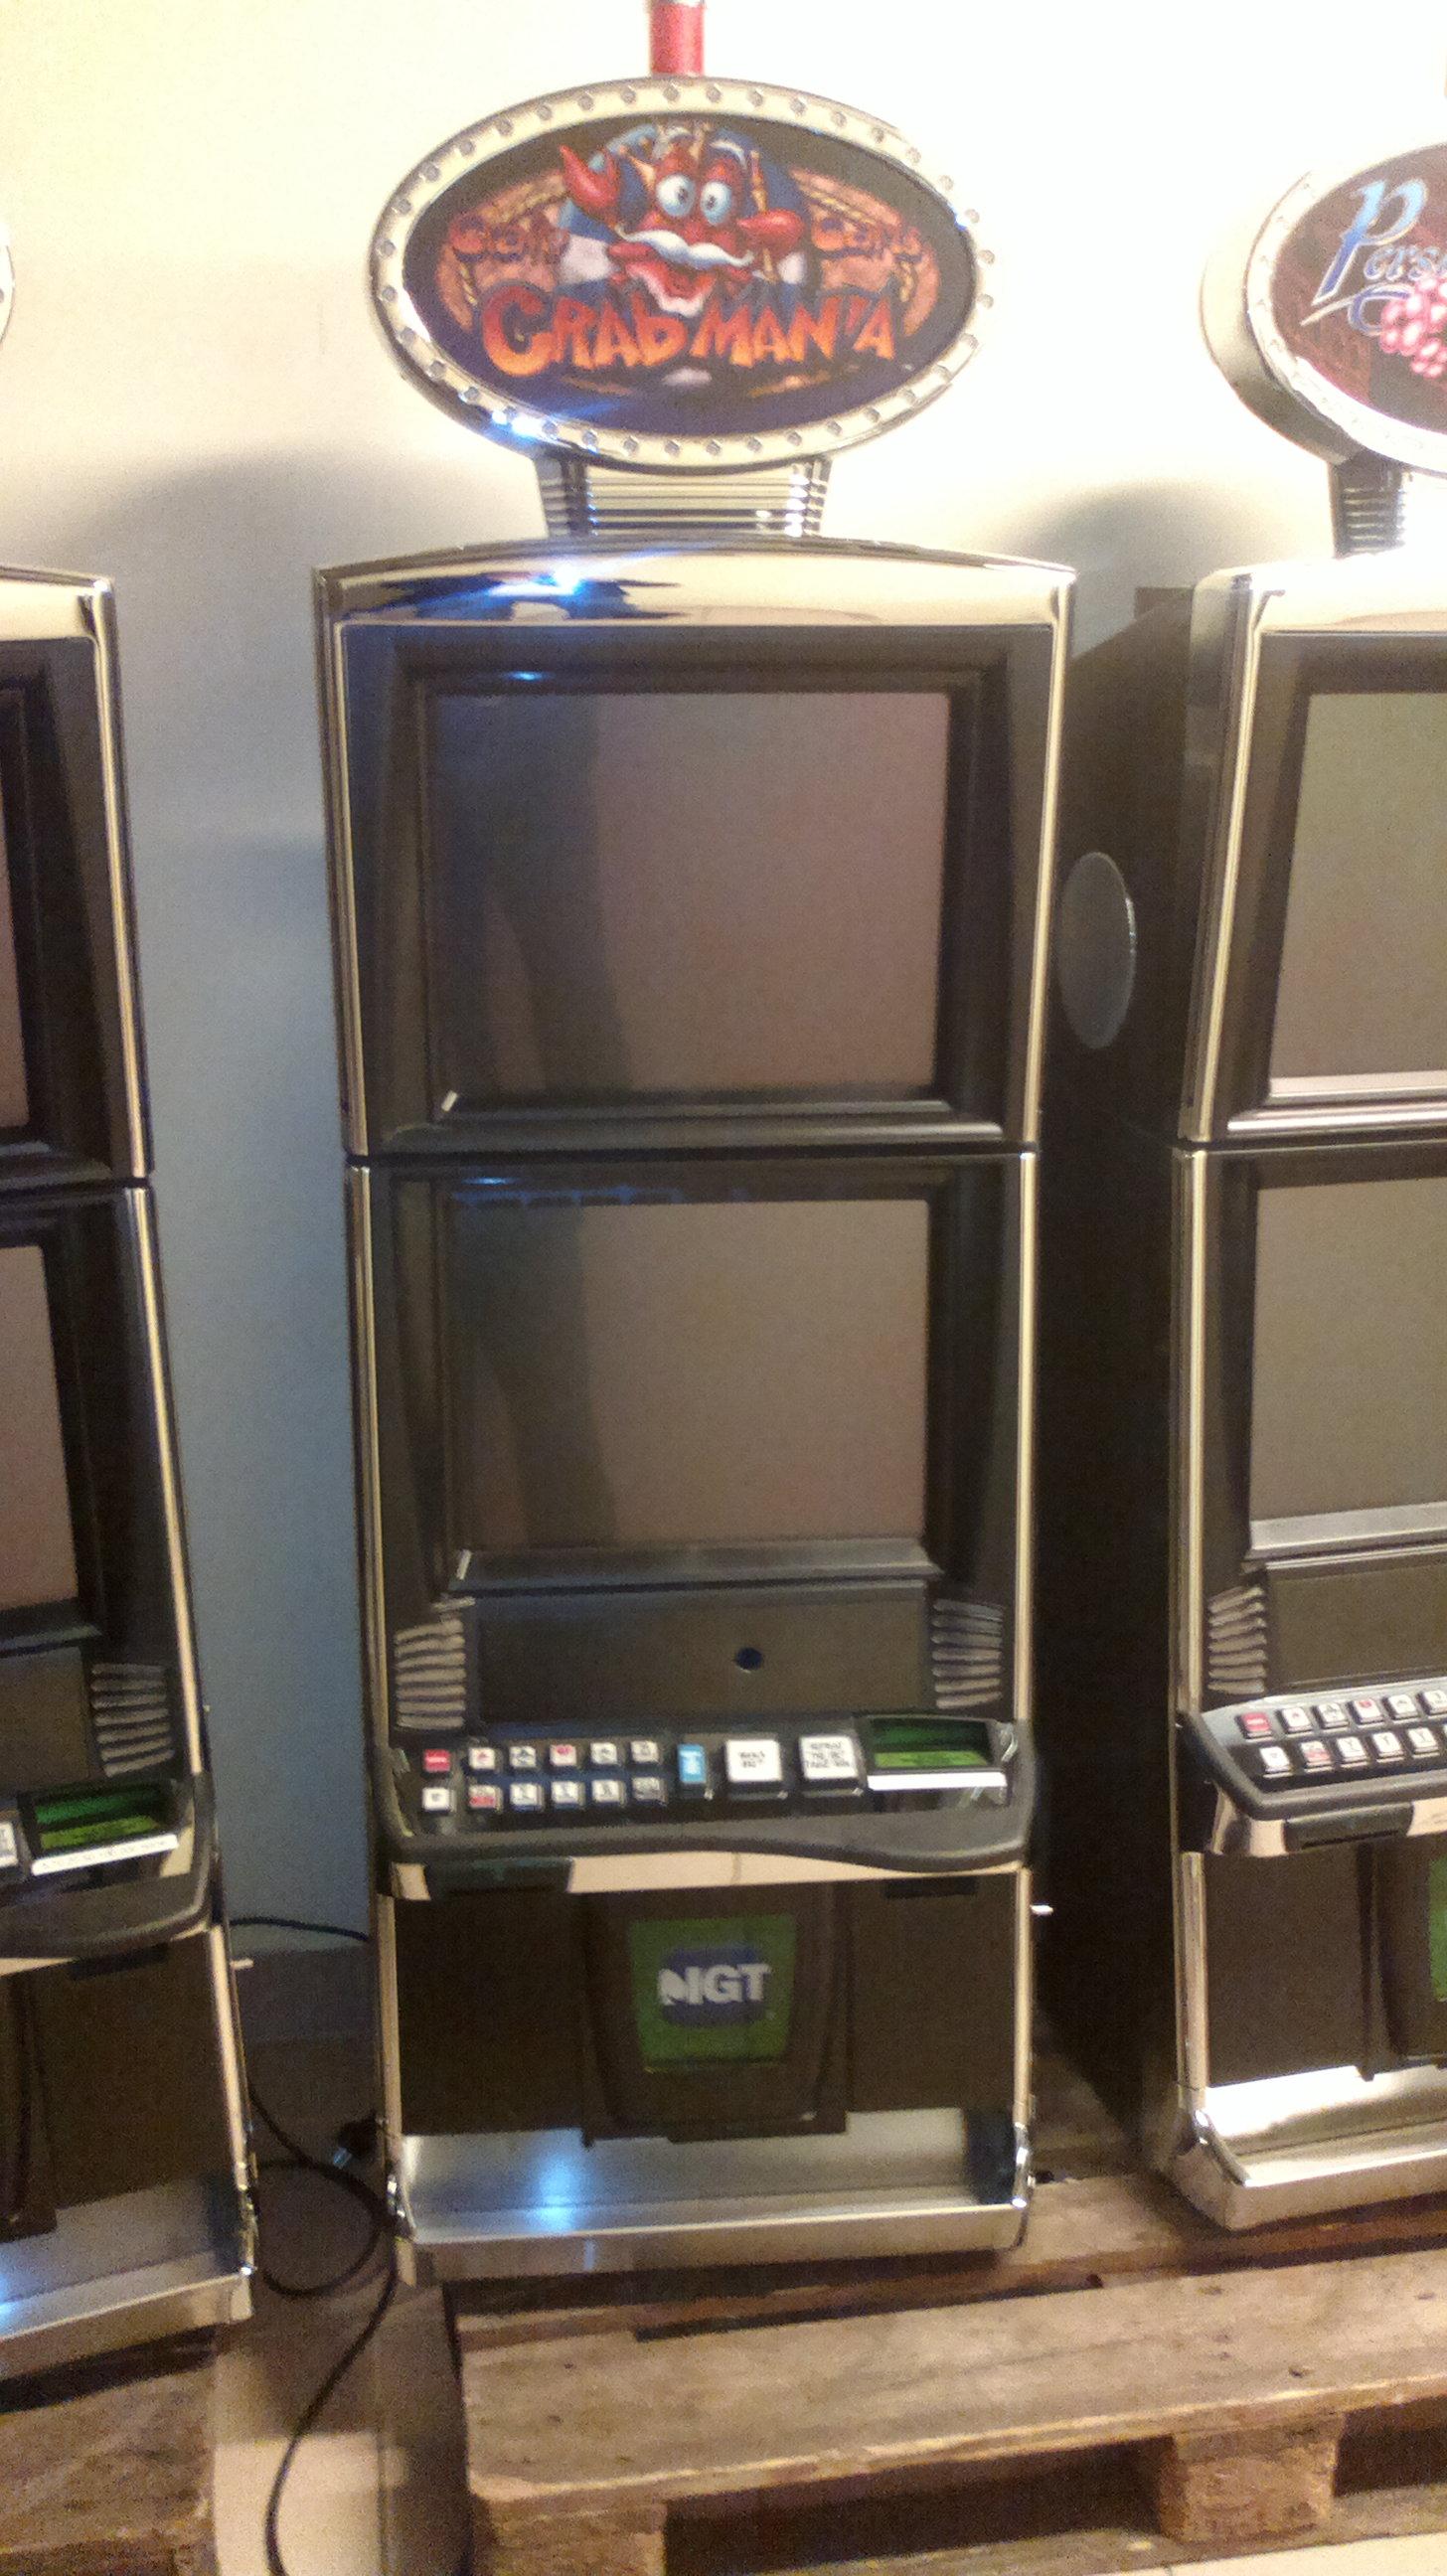 crab mania slot machine